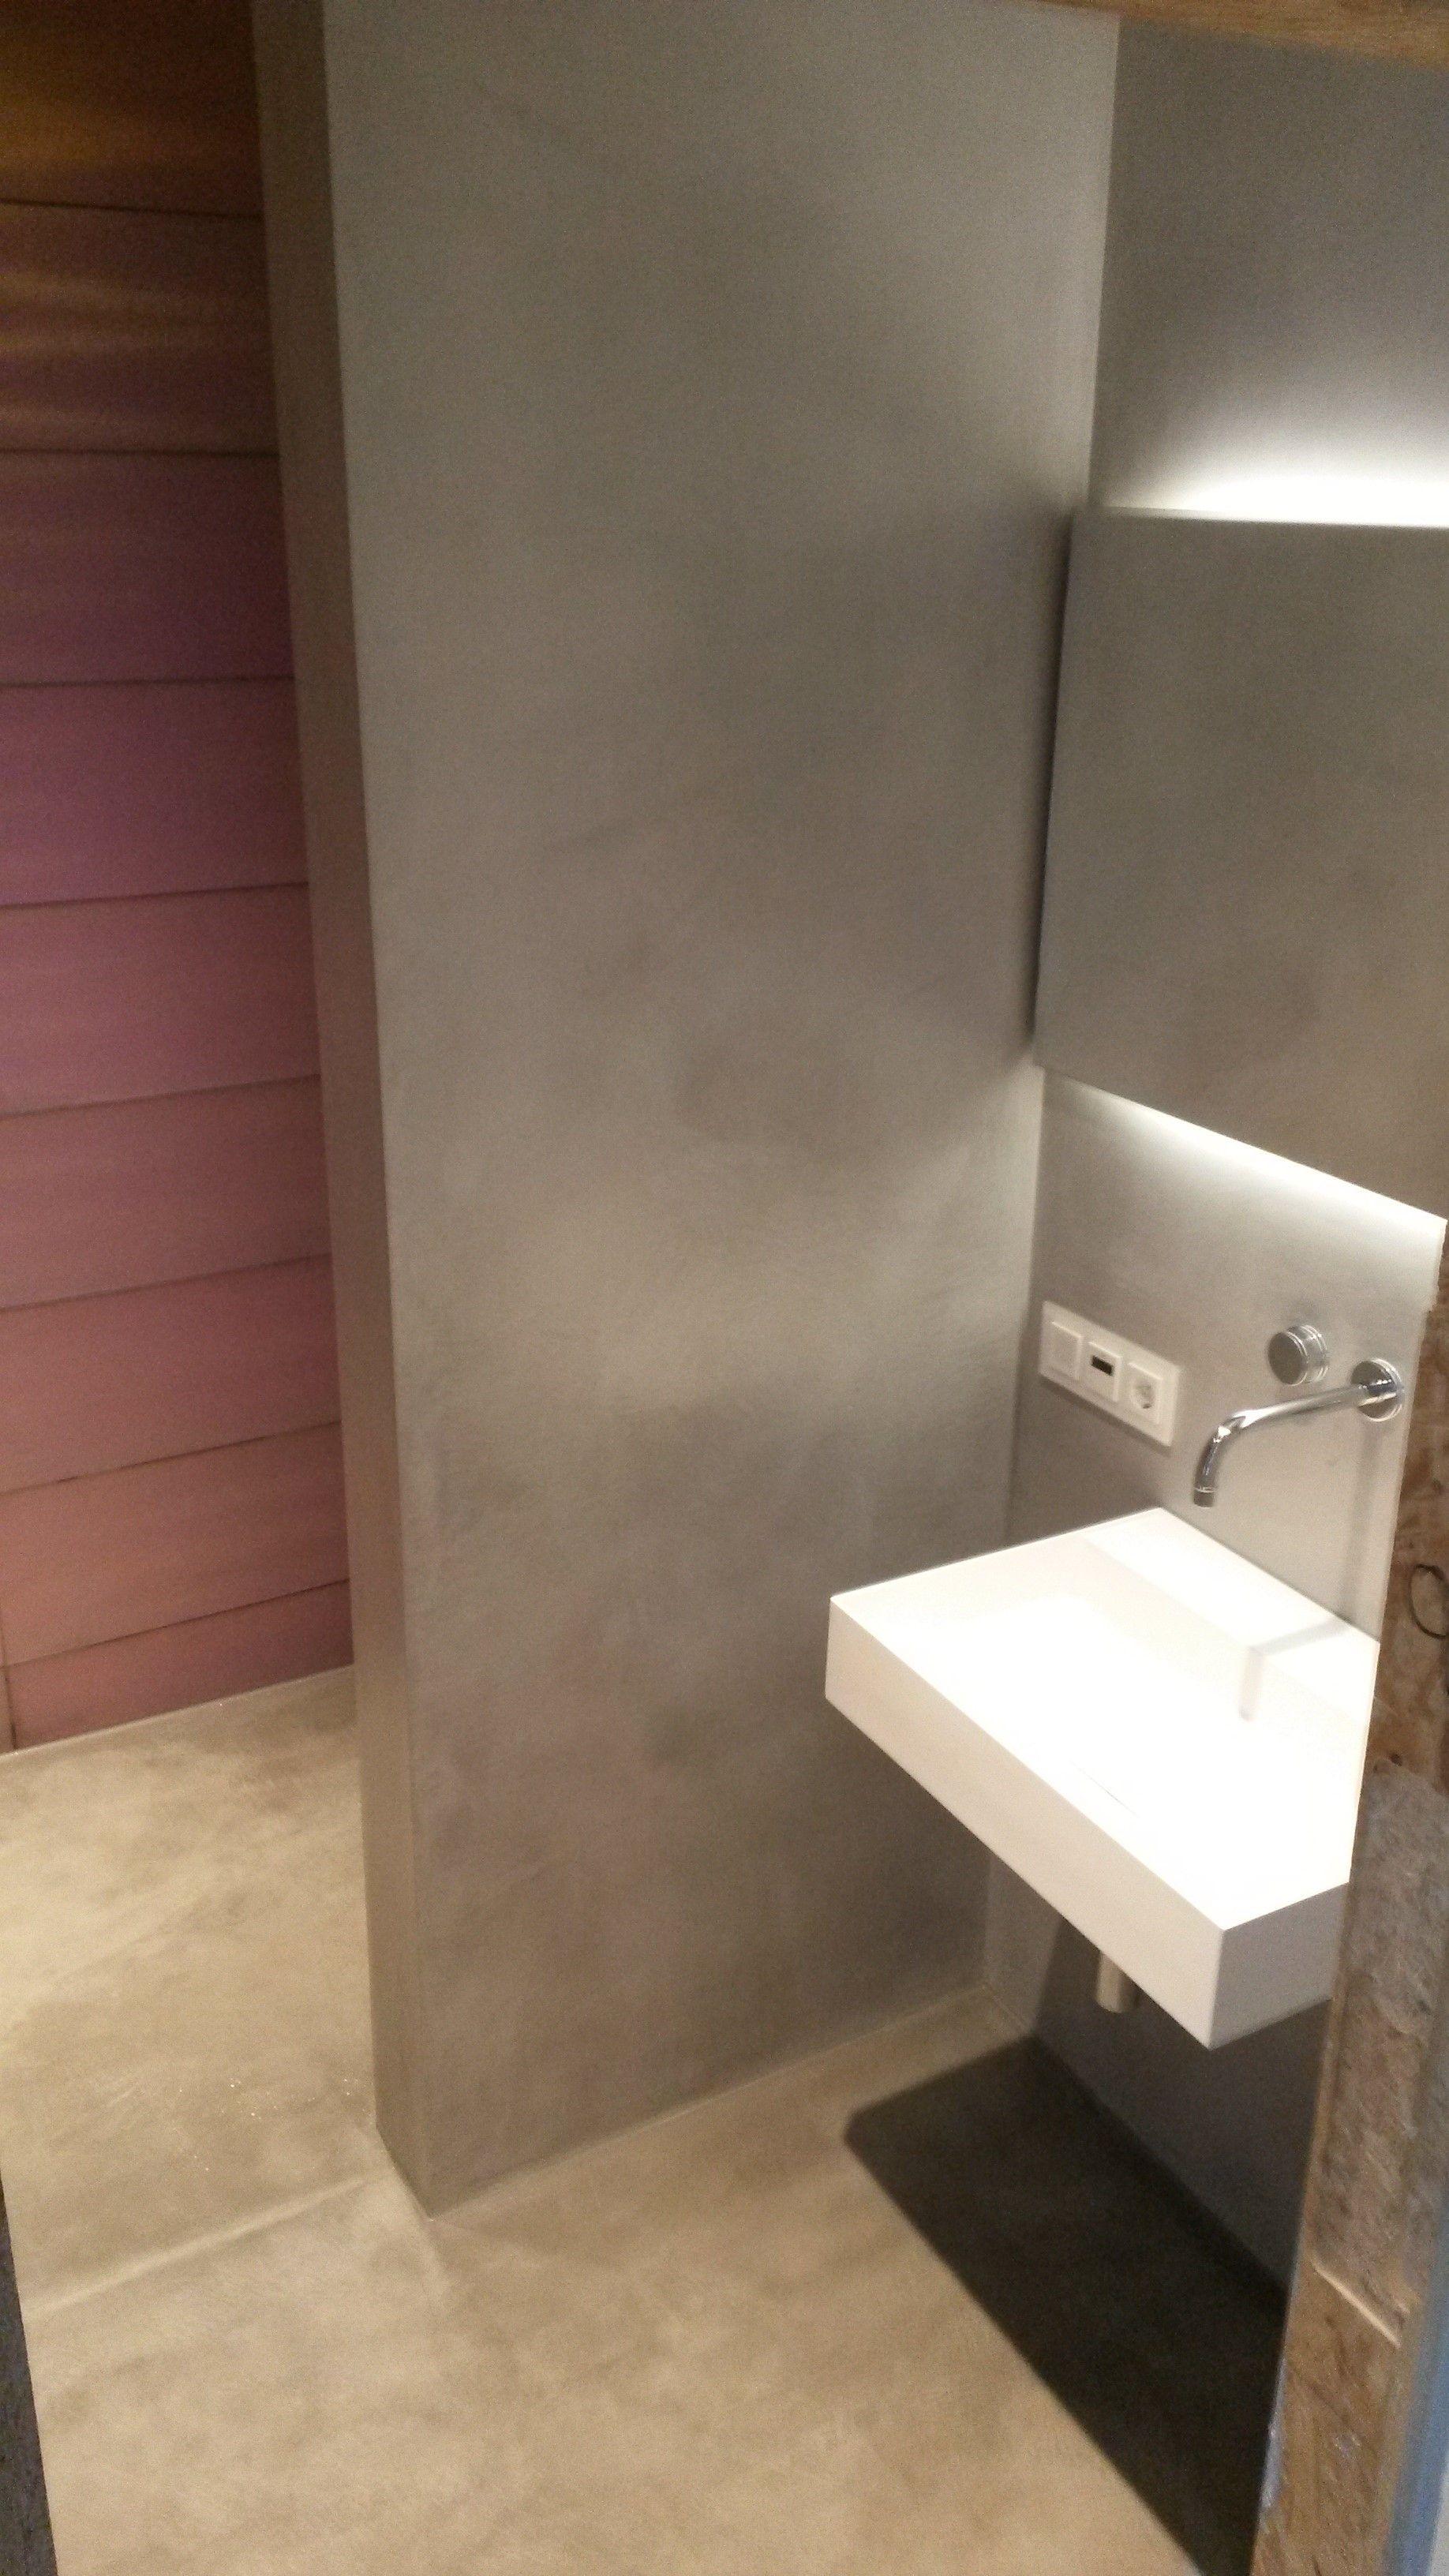 Spachteltechnik glasfliesen licht glas beton fugenlos betonoptik badezimmer betonoptik und - Bodenbelag badezimmer fugenlos ...